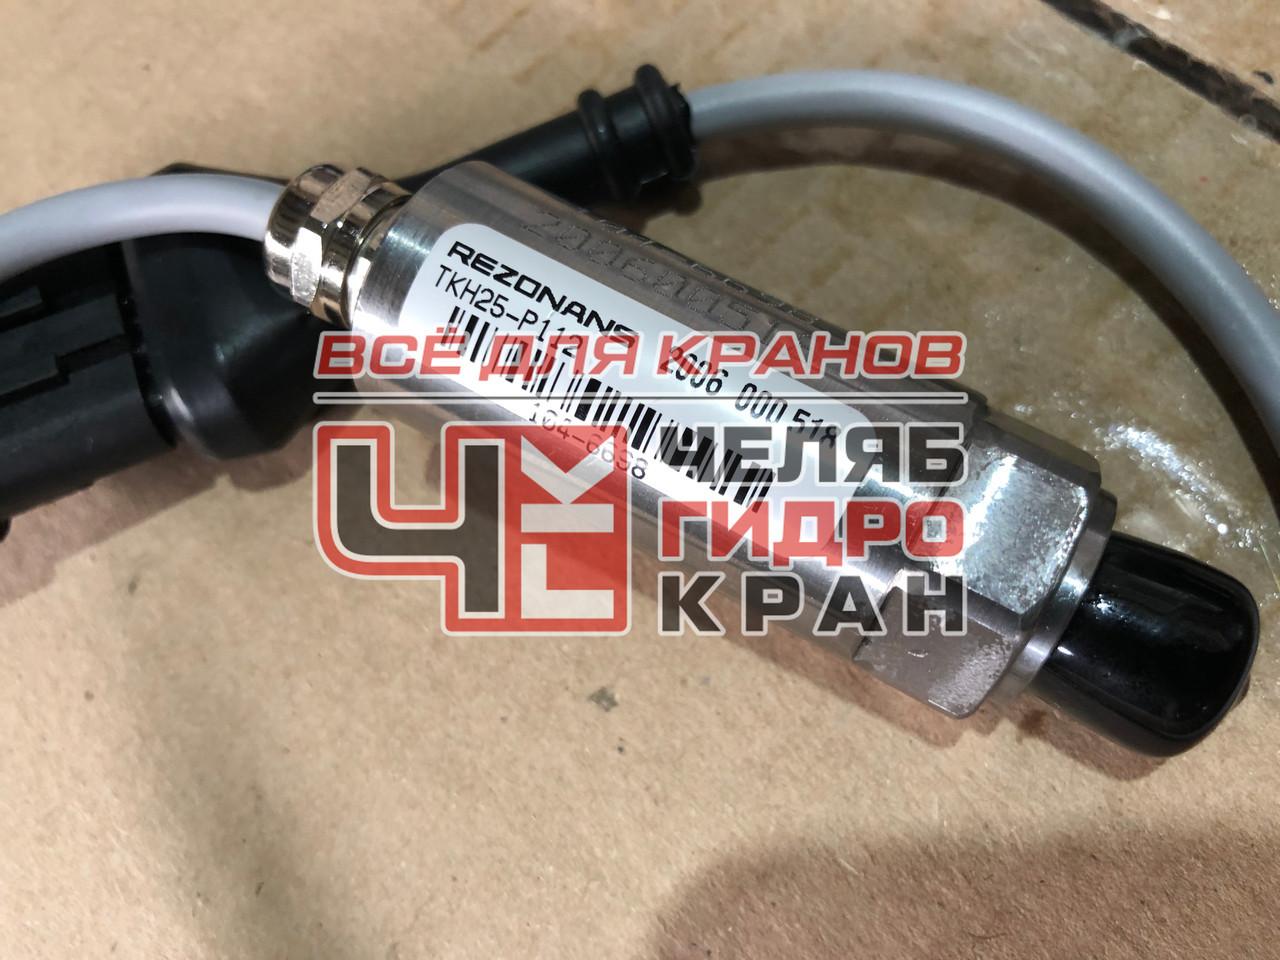 Датчик избыточного давления ТКН25-Р112 104-6698 - фото 1